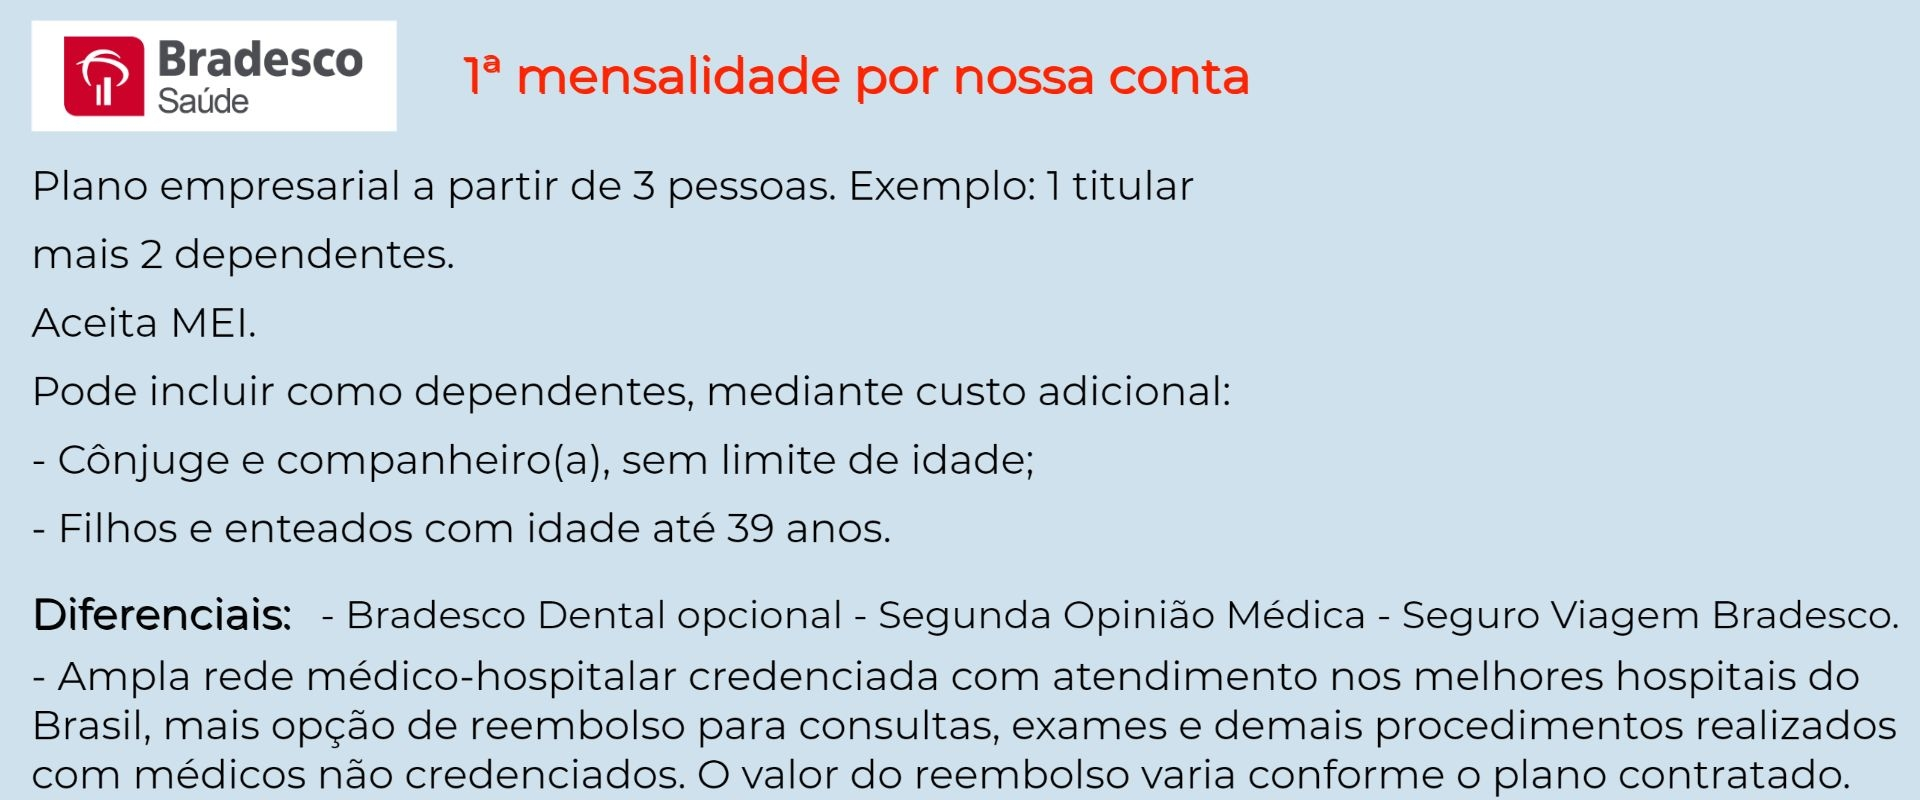 Bradesco Saúde Empresarial - Santa Rita do Passa Quatro